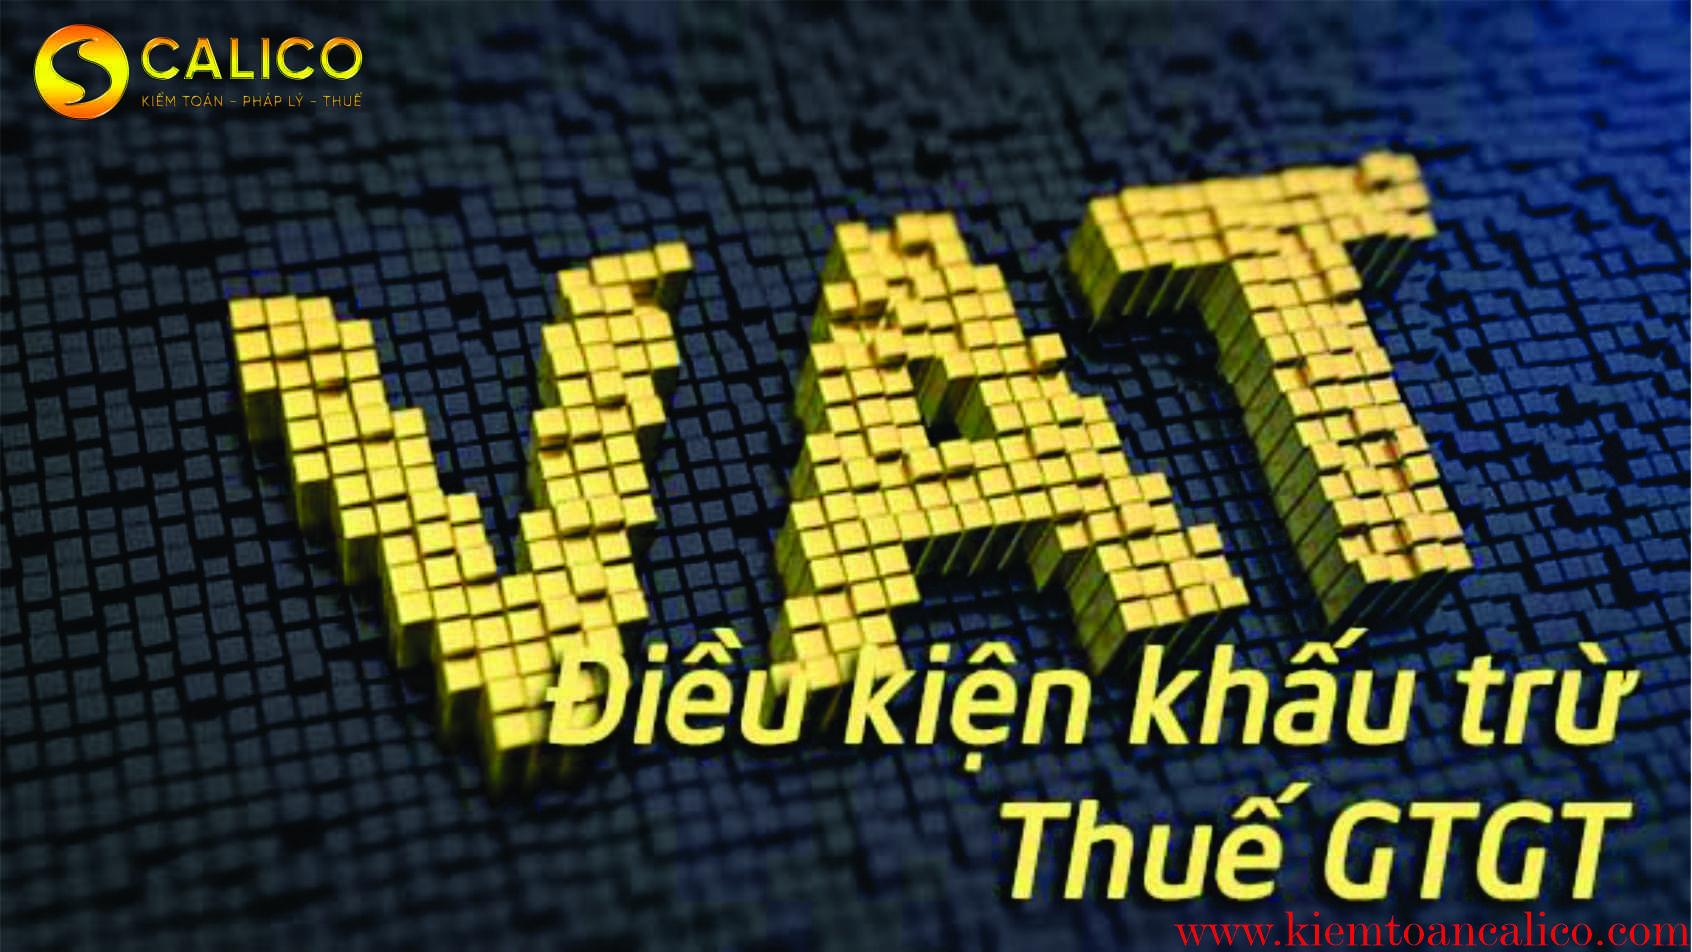 thue-gtgt-khau-tru-thue-gtgt-4